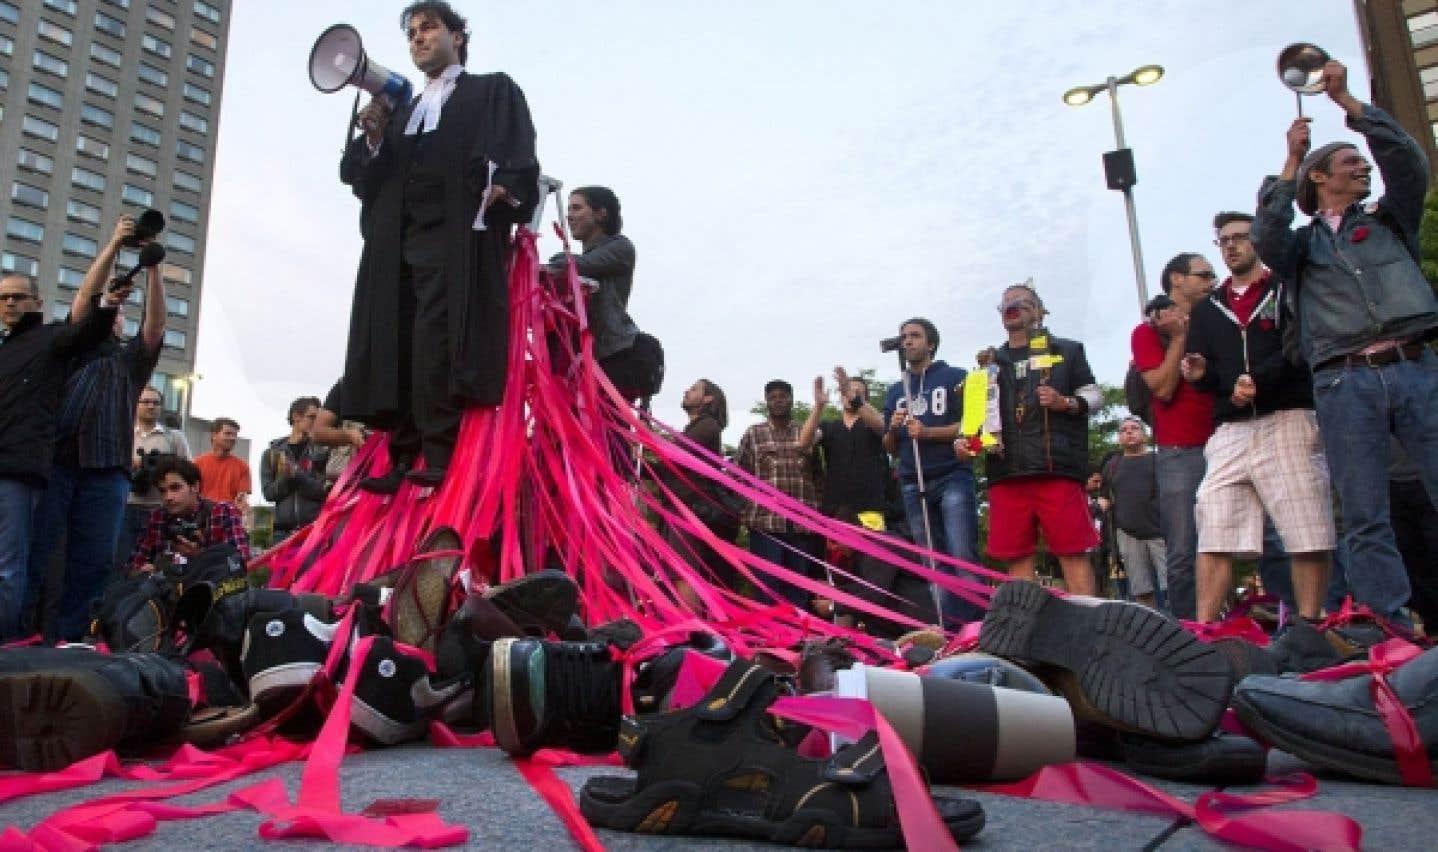 Les juristes prennent la rue pour dénoncer la loi spéciale